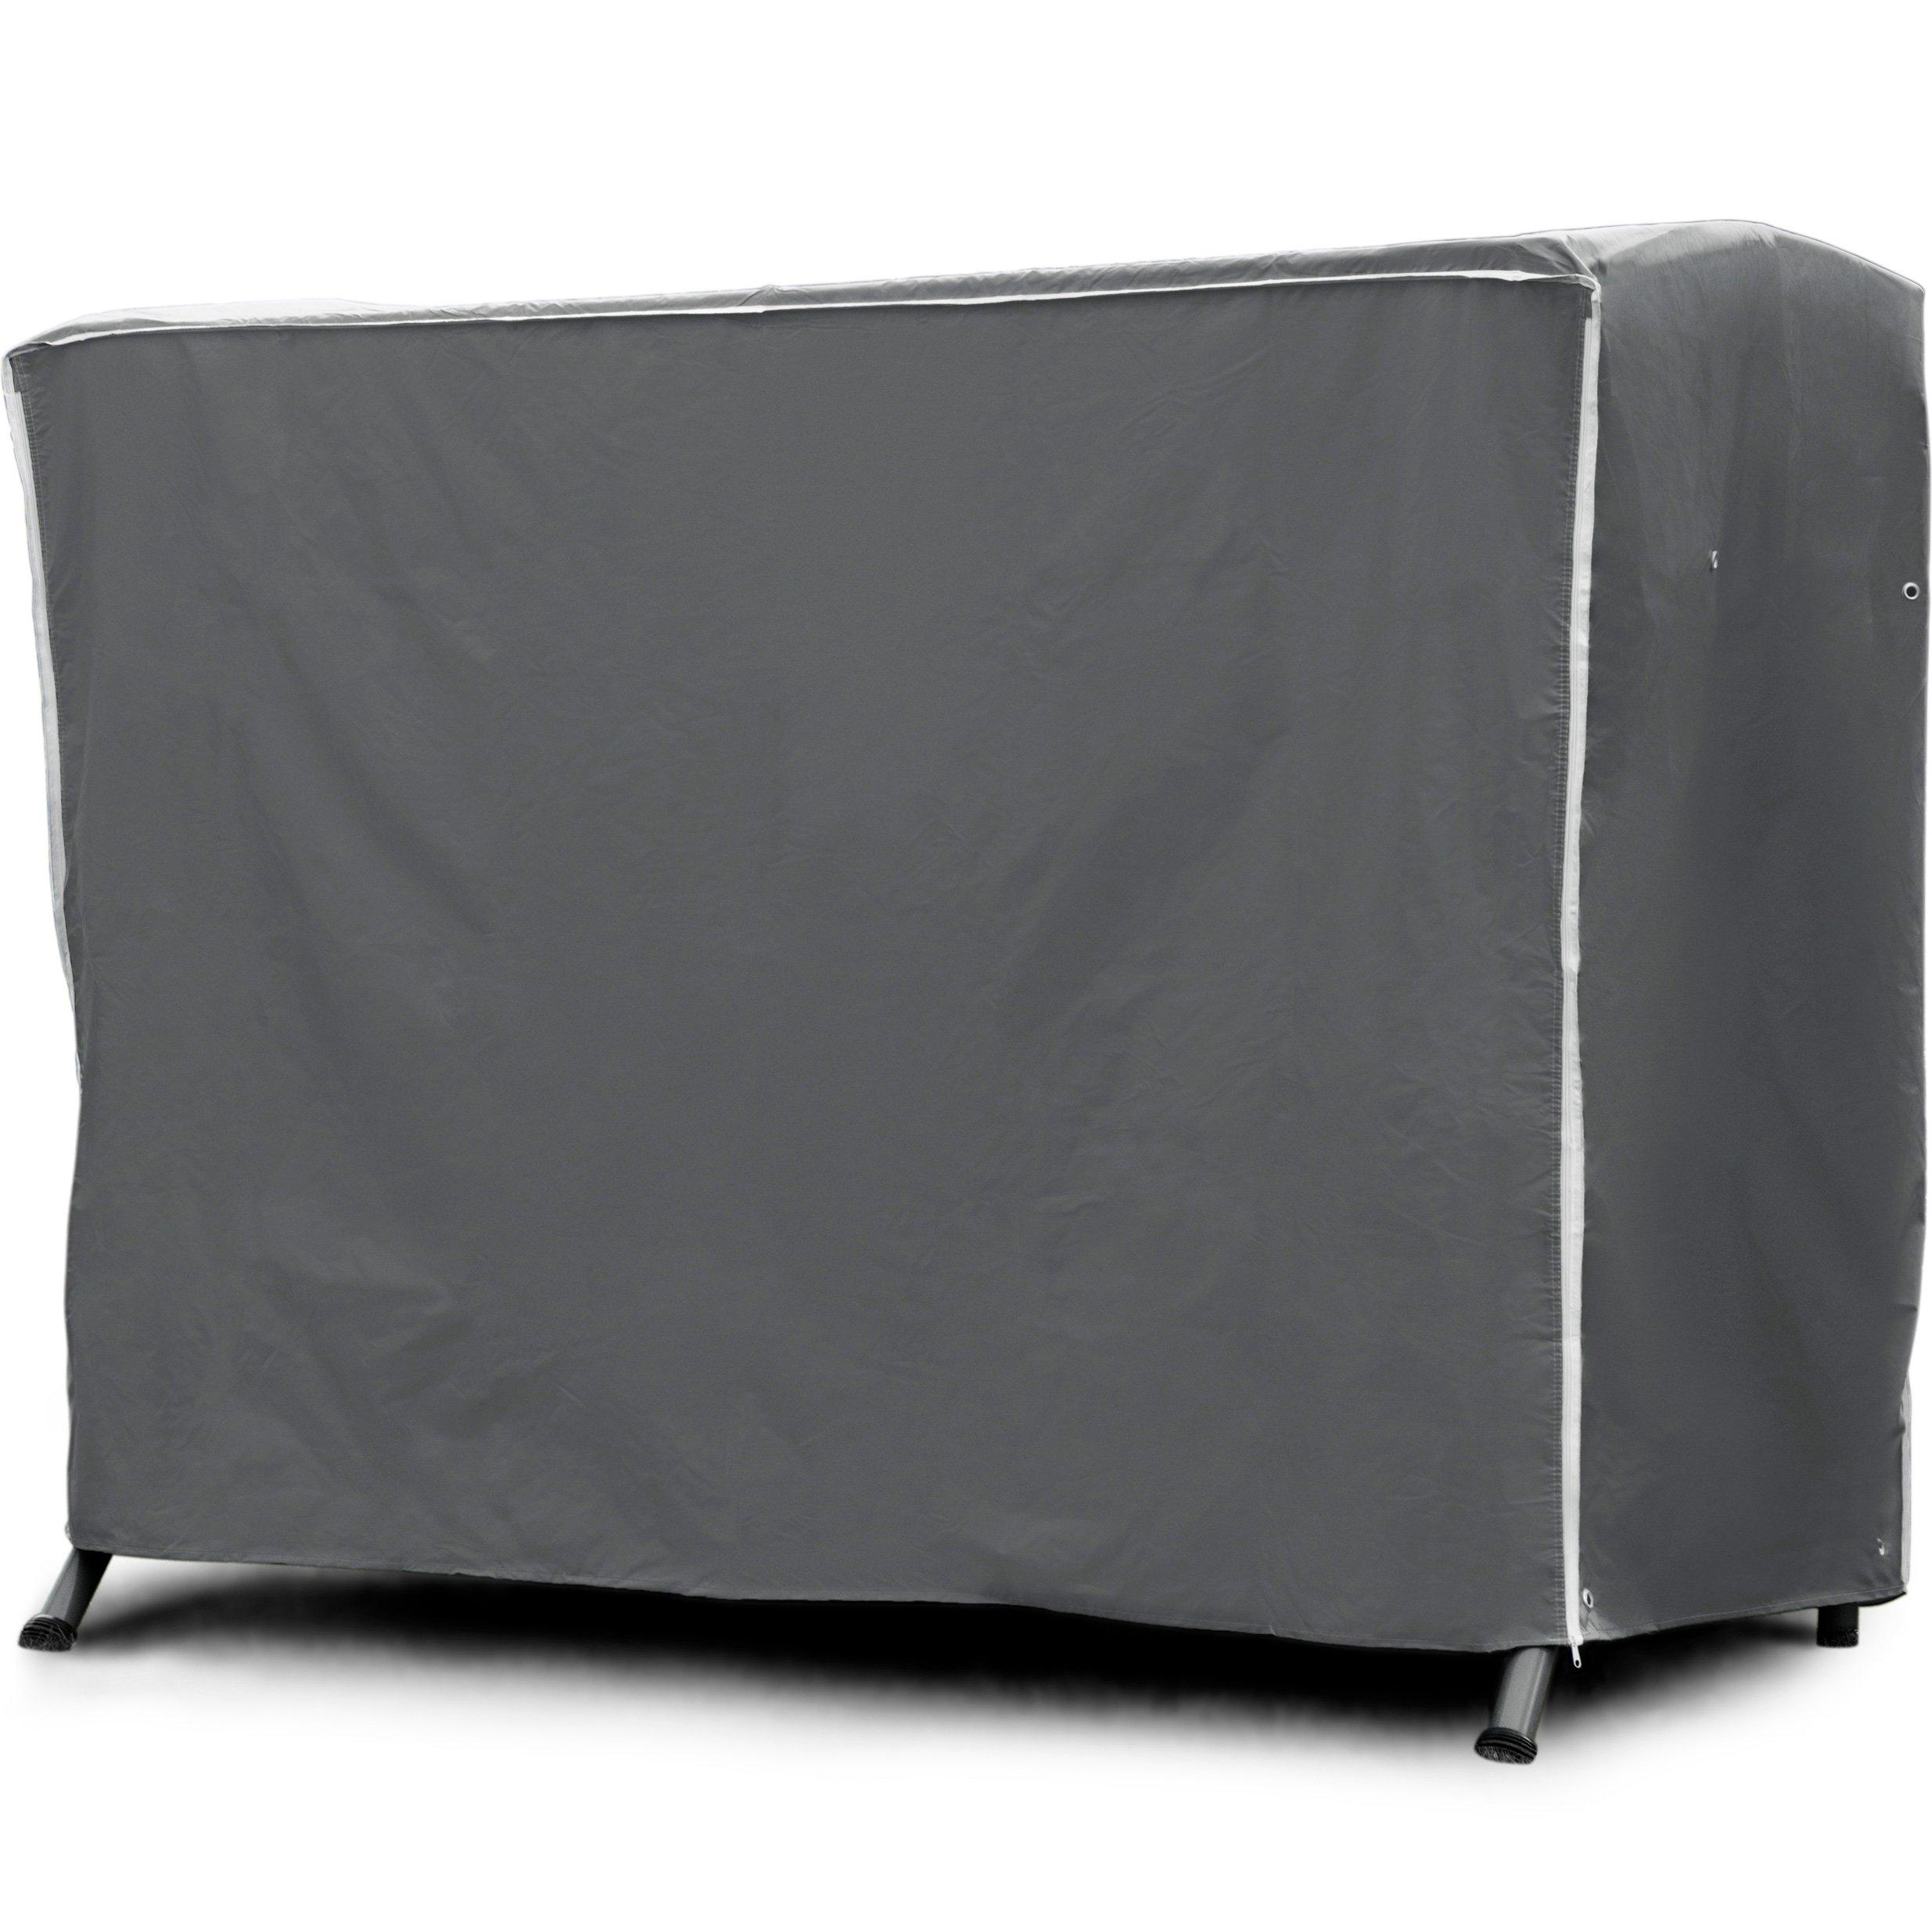 purovi premium schutzh lle f r hollywoodschaukel abdeckung f r gartenschaukel ebay. Black Bedroom Furniture Sets. Home Design Ideas